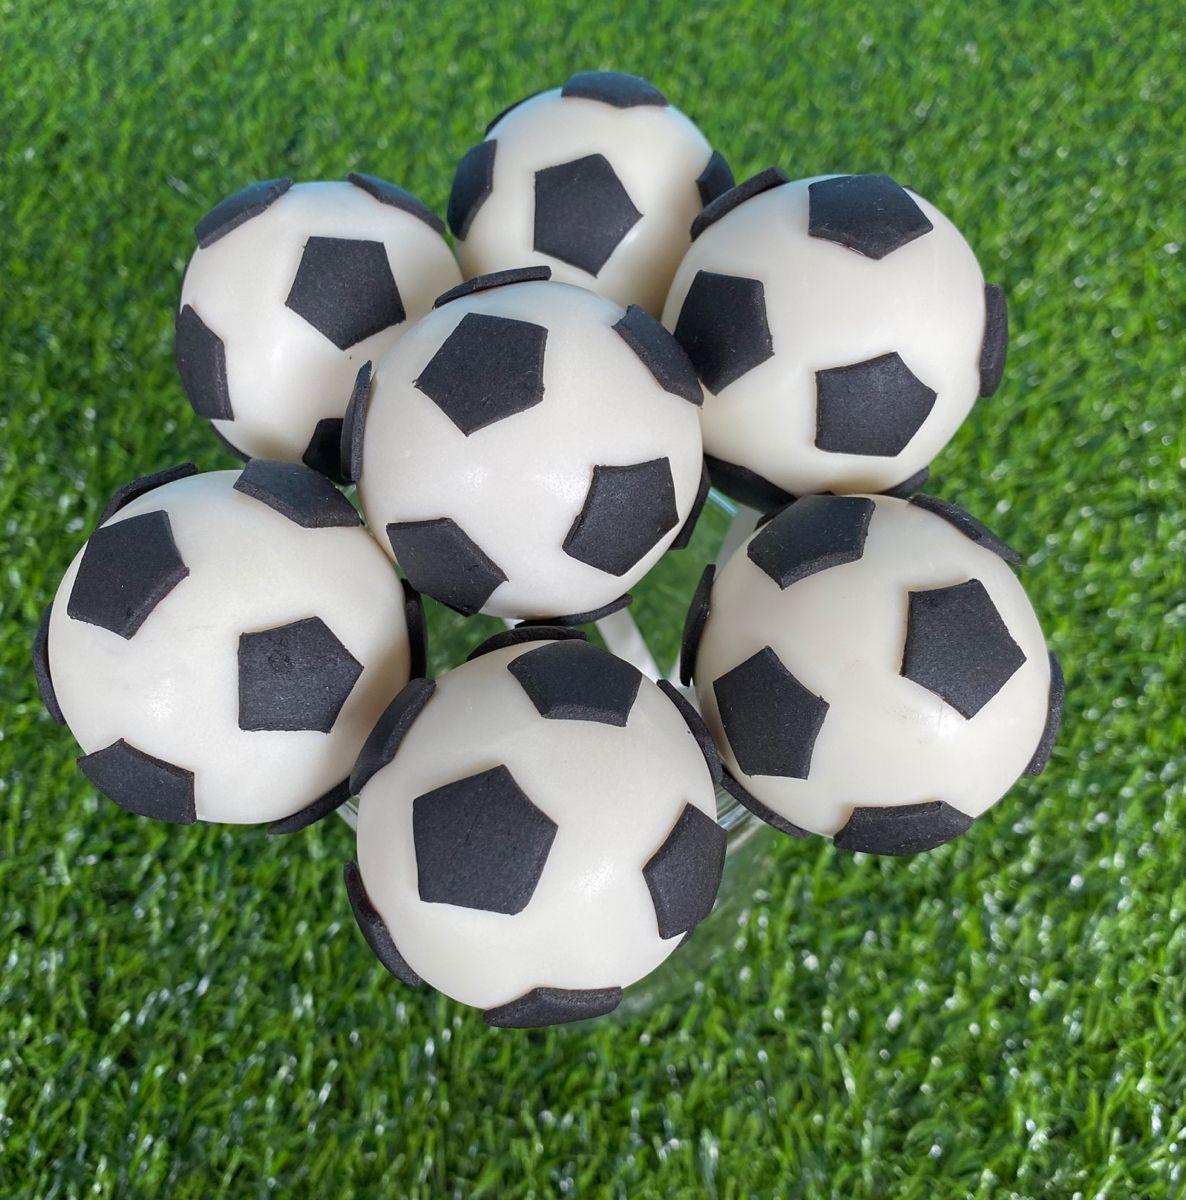 Soccer Cake Pops In 2020 Soccer Cake Soccer Cake Pops Soccer Ball Cake